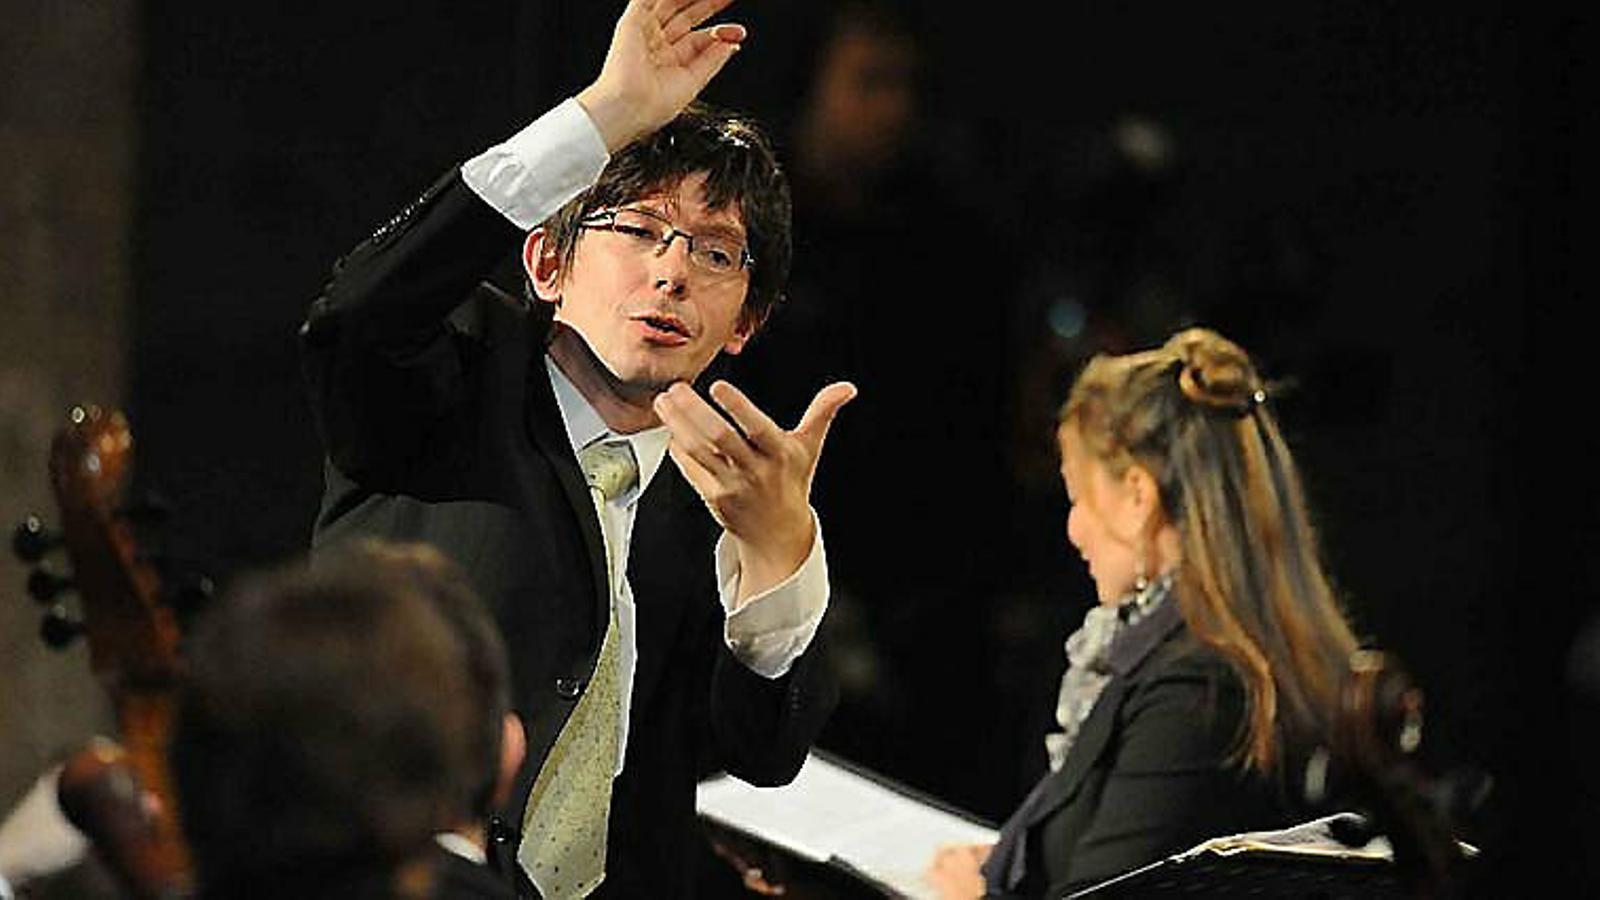 El txec Václav Luks dirigirà el concert que obrirà el Bachcelona el 16 de juliol.